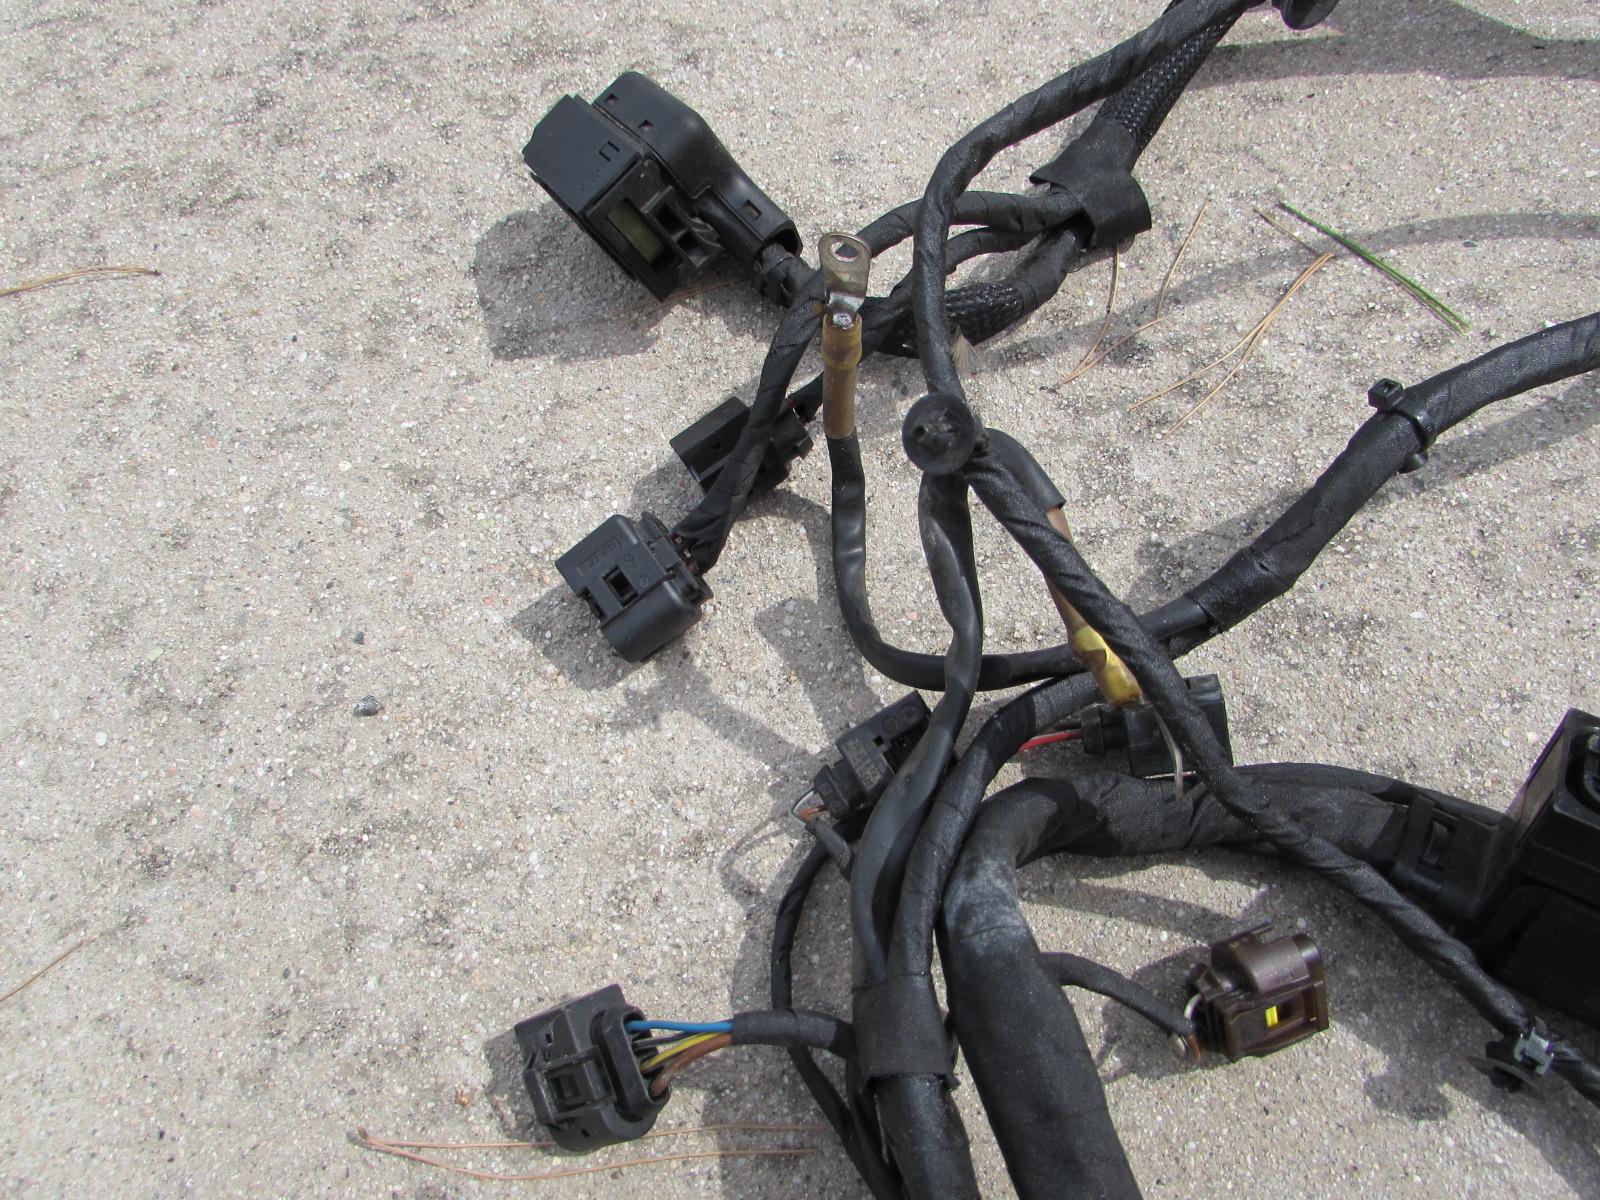 Mercedes R171 Engine Compartment Body Wiring Harness Firewall Connectors Forward Slk280 Slk300 Slk350 Slk553